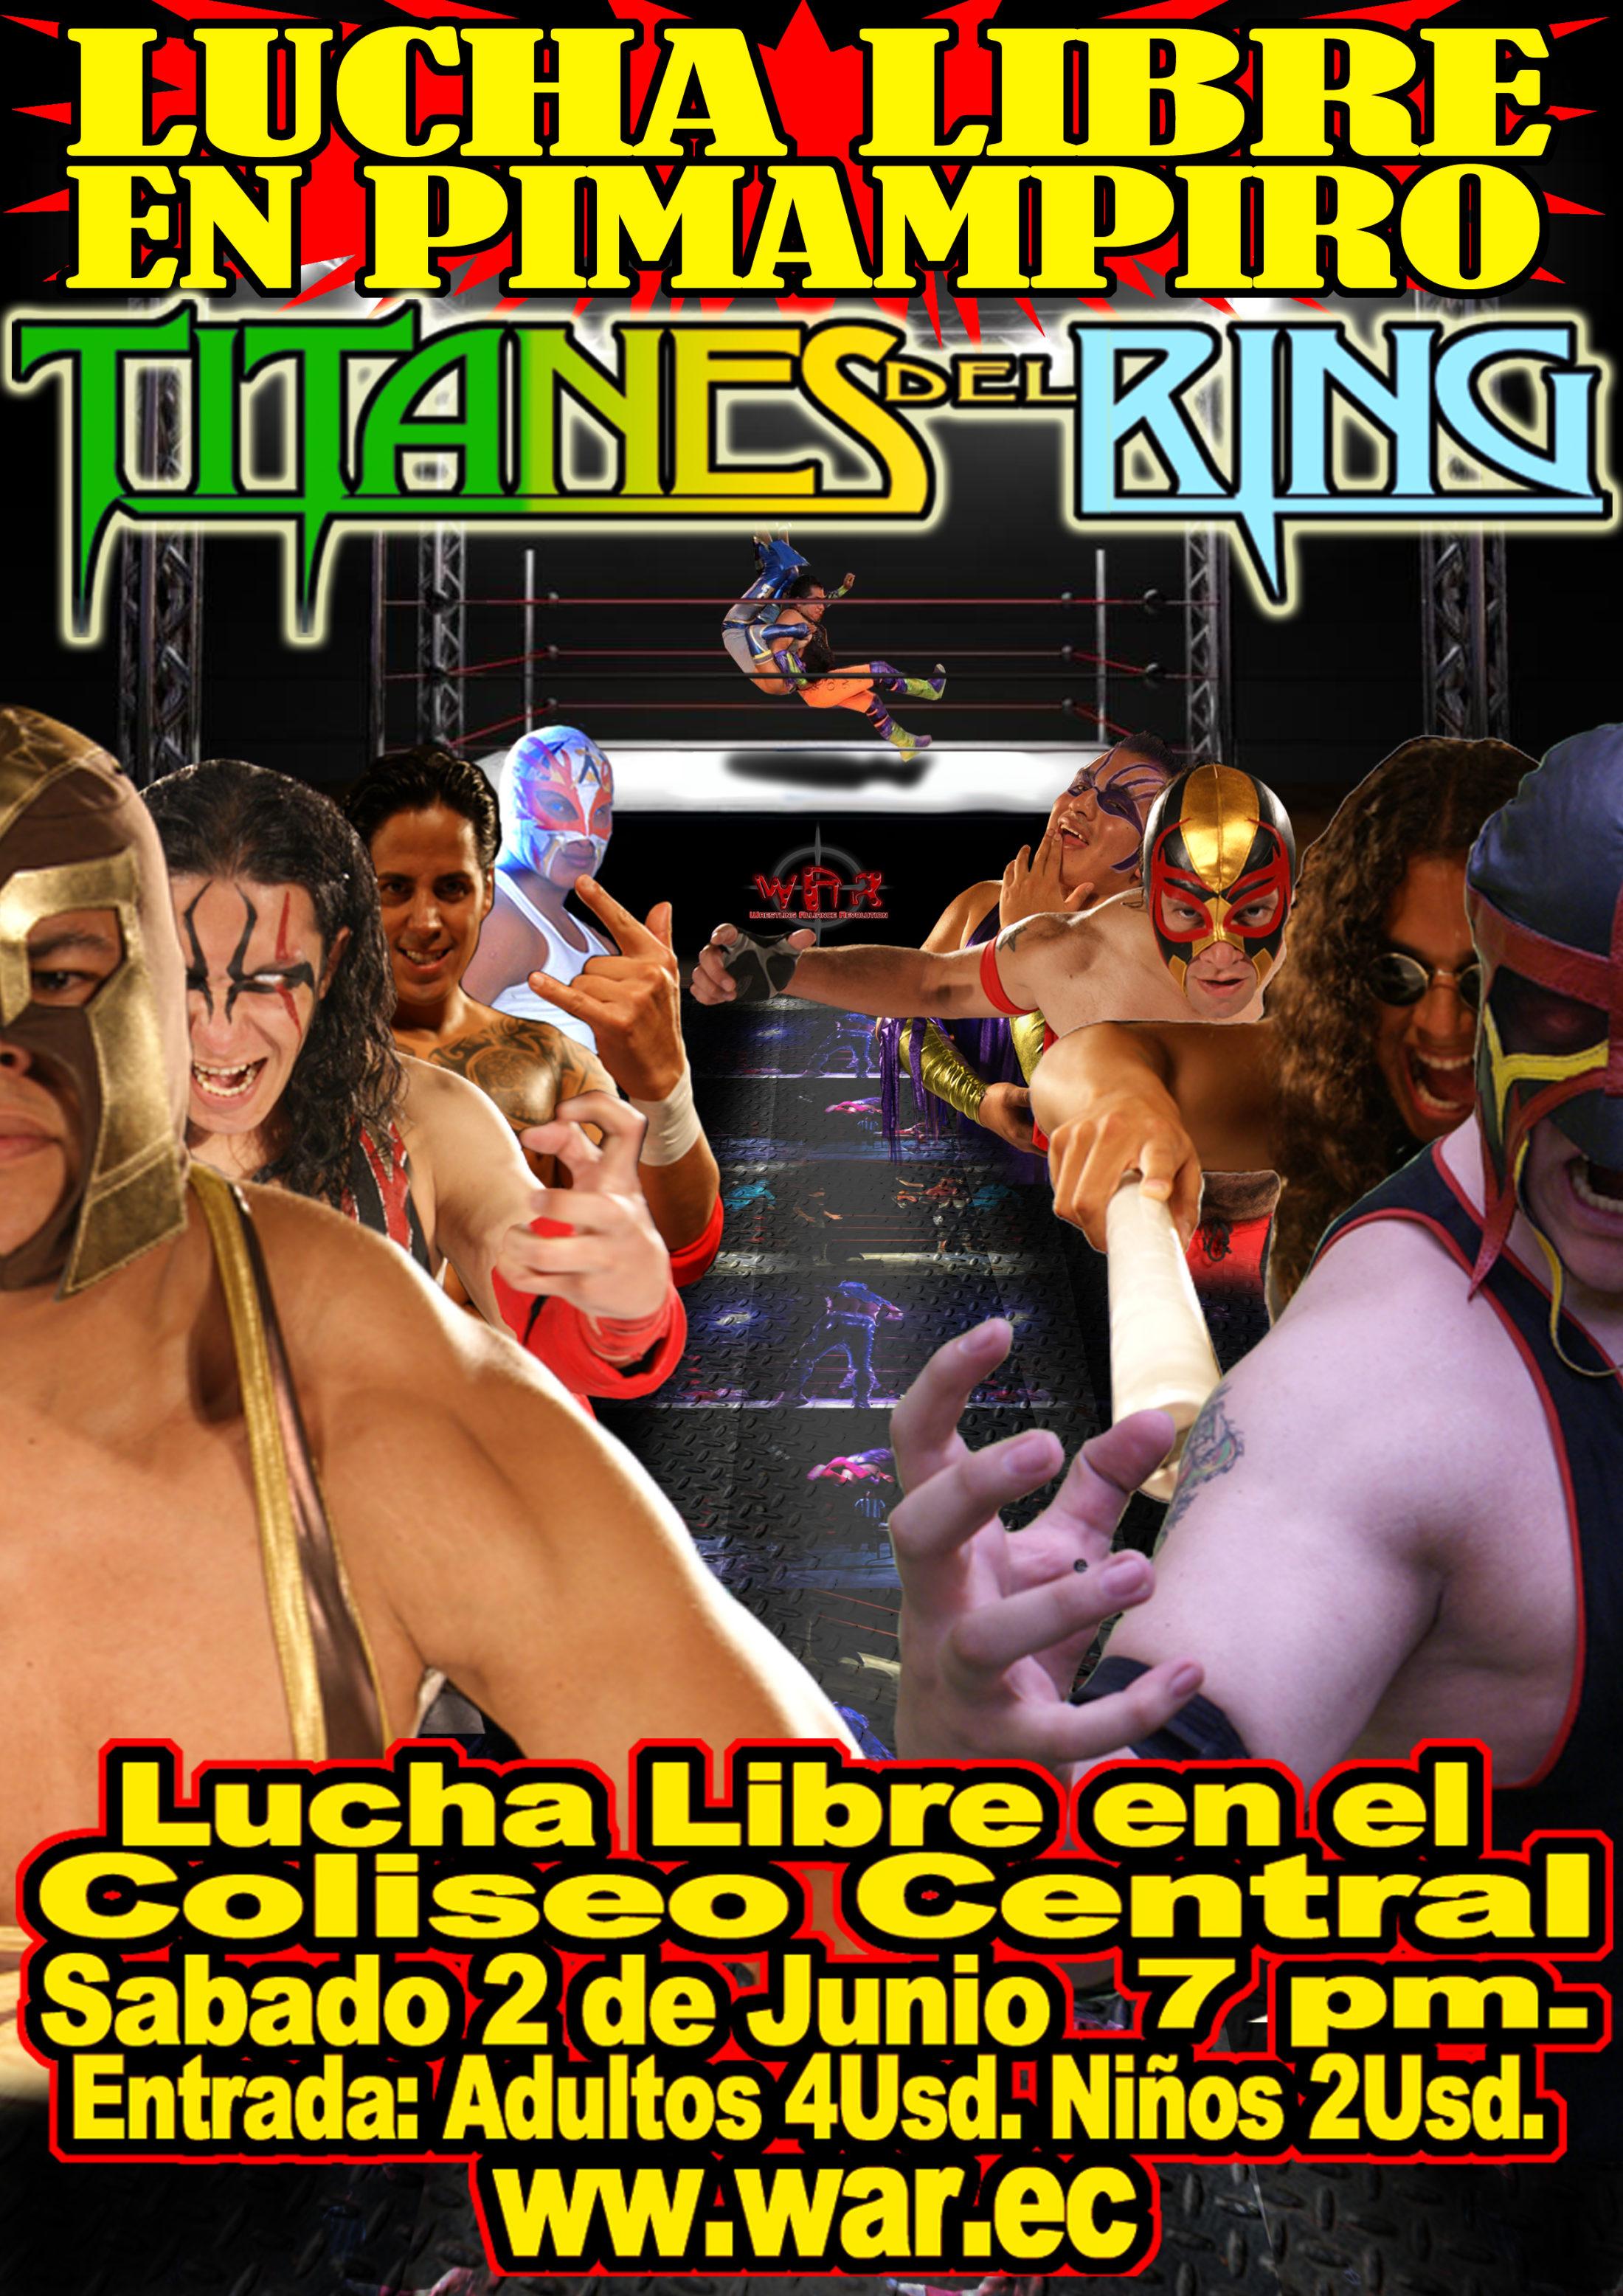 Titanes del Ring 2012